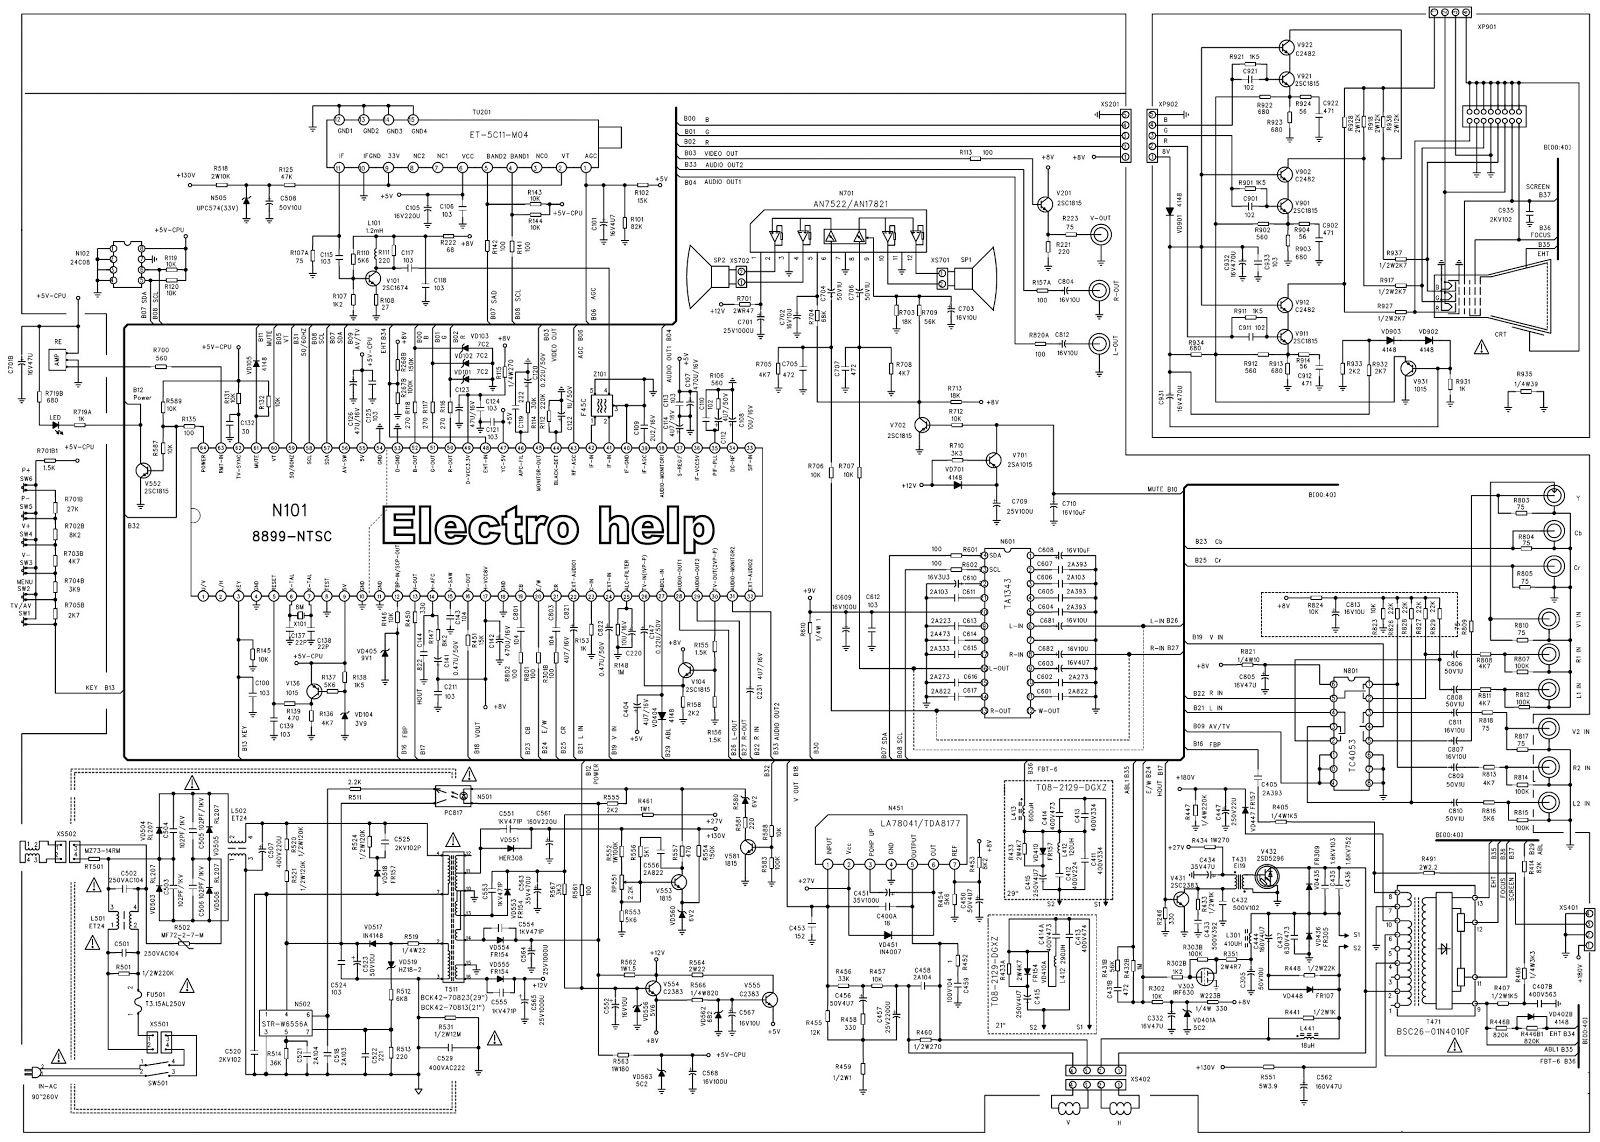 medium resolution of sansui tv circuit diagram free download circuit diagram imagessansui tv circuit diagram free download circuit diagram